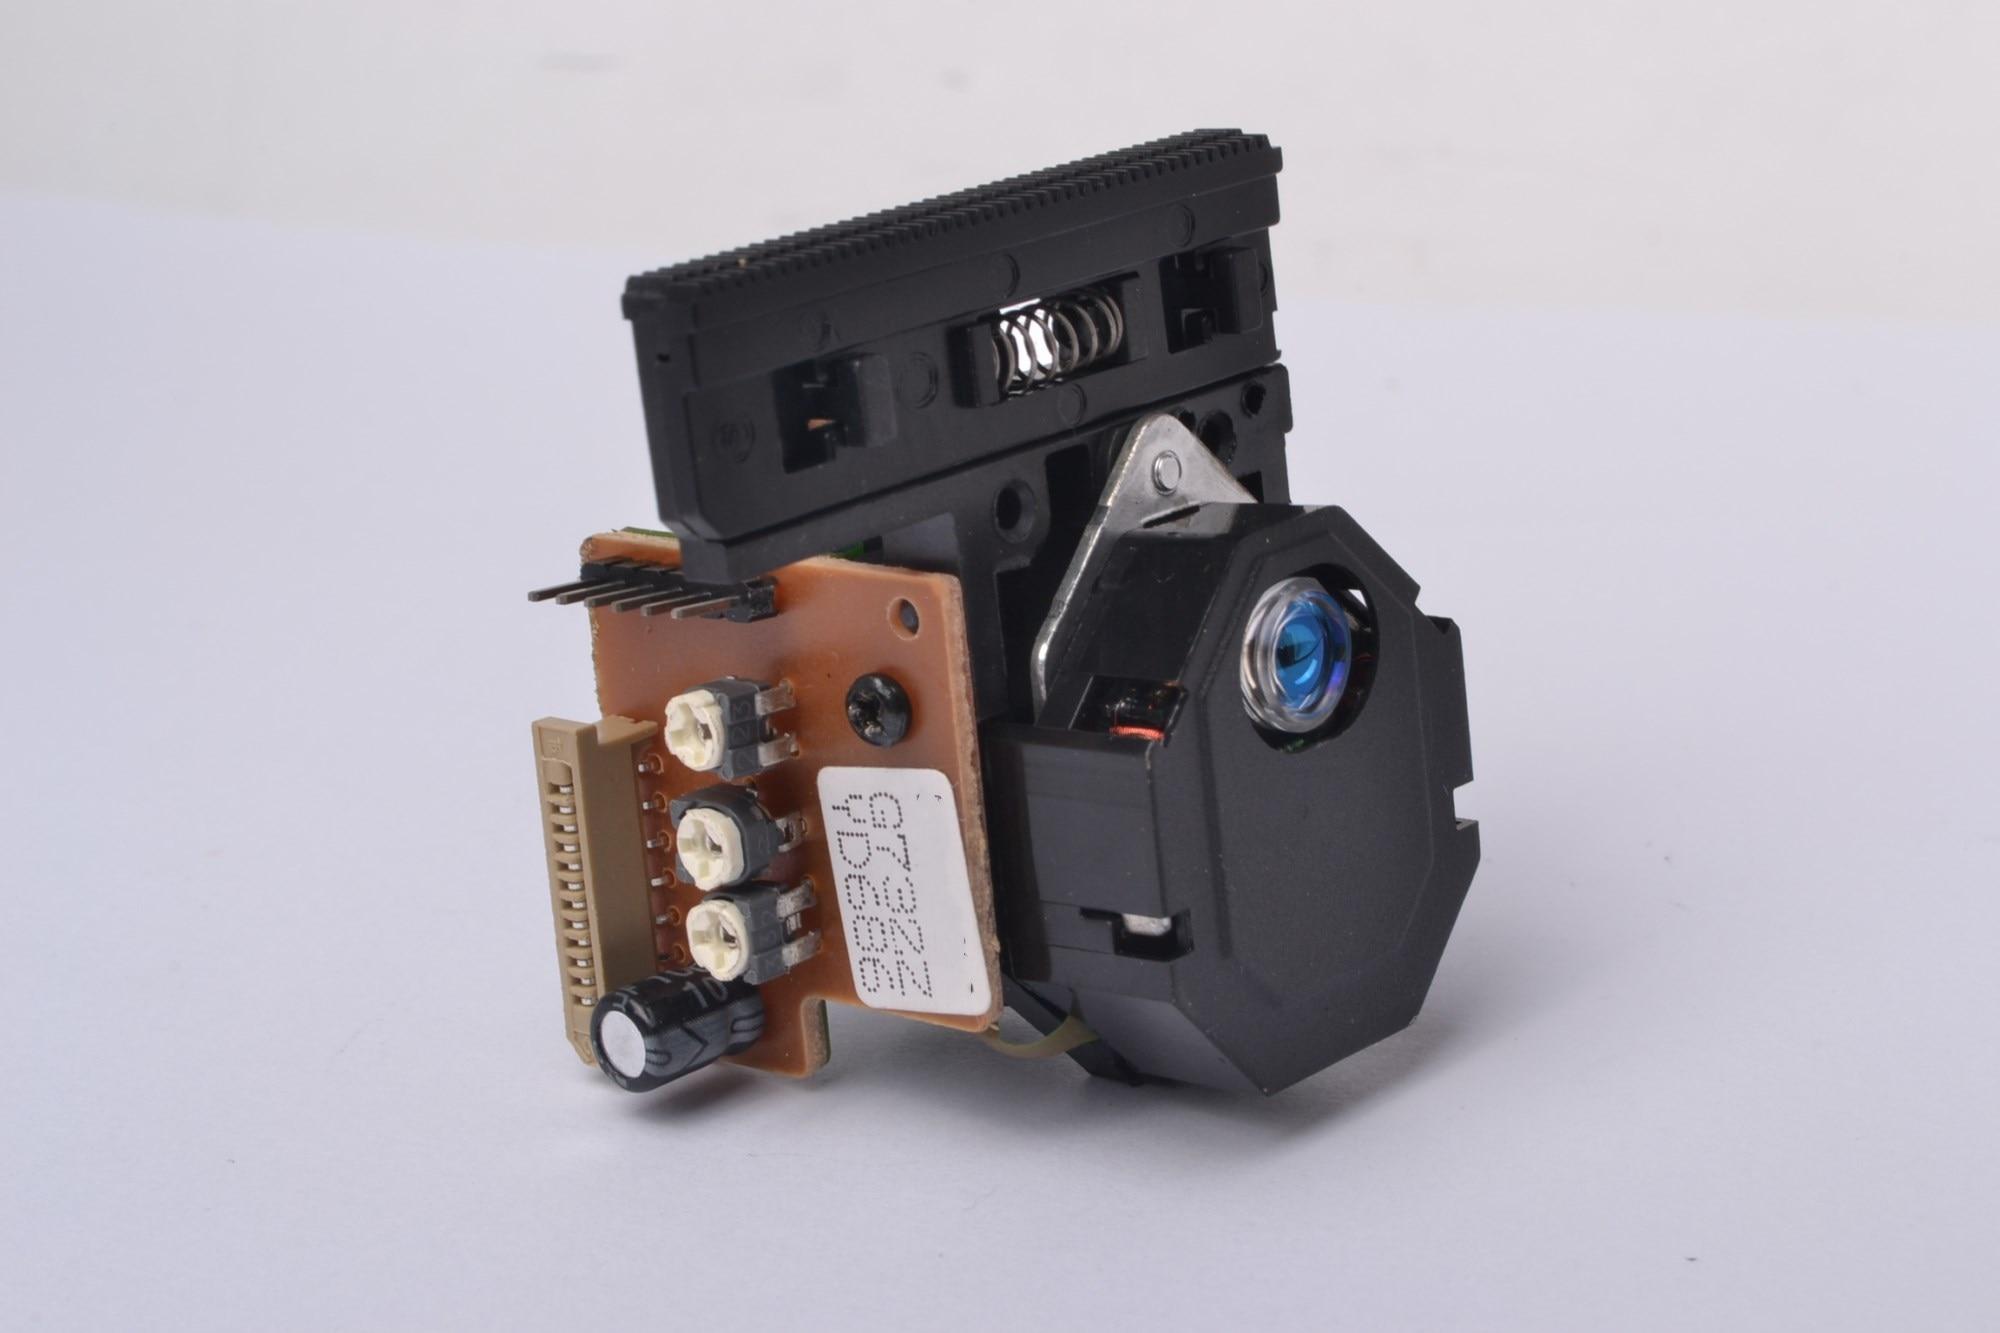 الأصلي استبدال لسوني MHC-3800 مشغل أقراص مضغوطة عدسة الليزر laseinheit الجمعية MHC3800 البصرية التقاط كتلة Optique وحدة